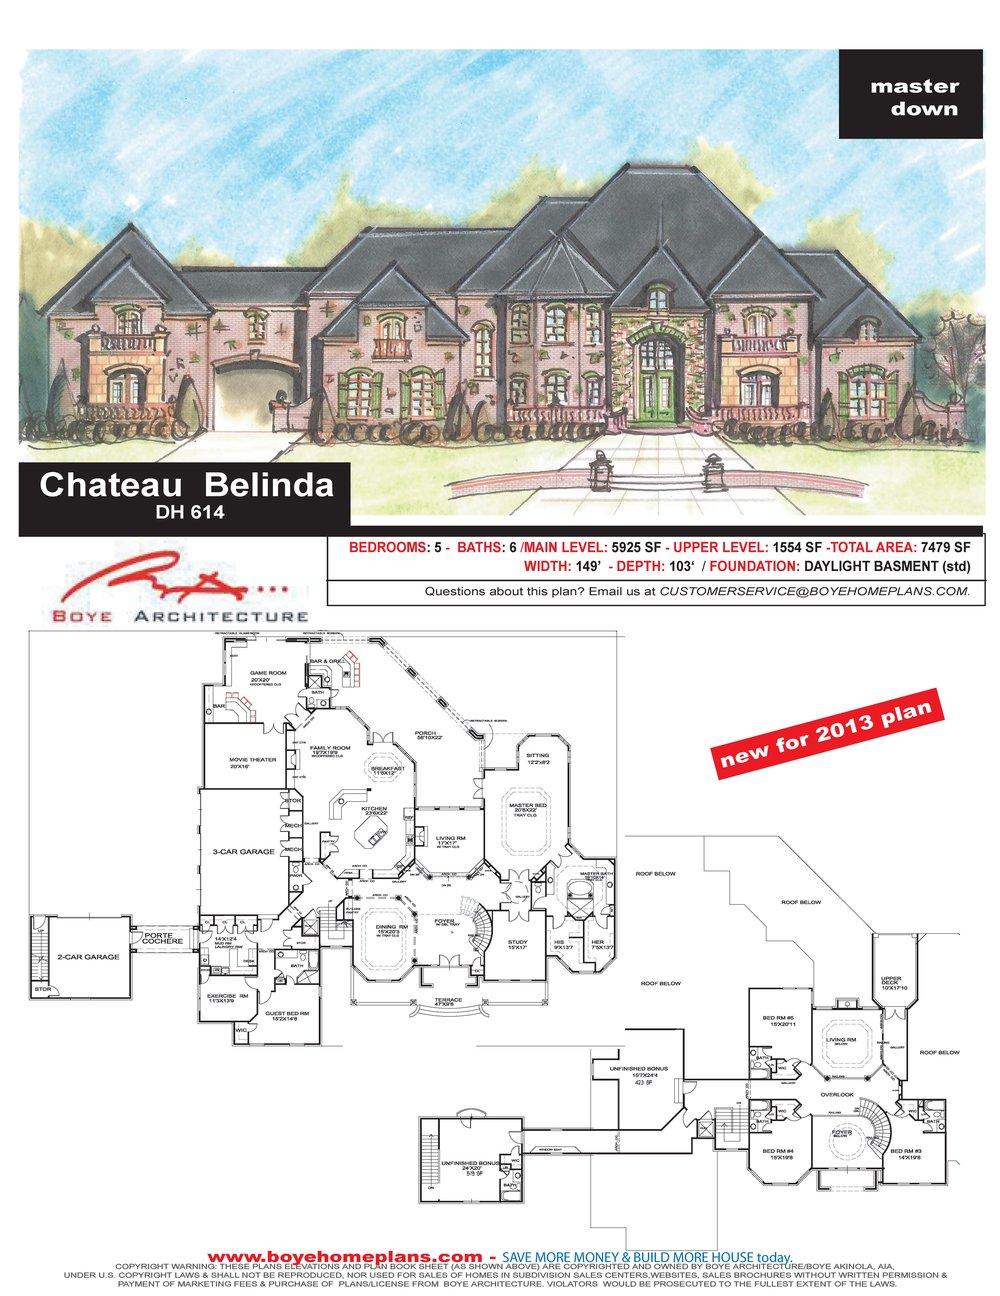 CHATEAU BELINDA PLAN PAGE-DH 614-012213.jpg